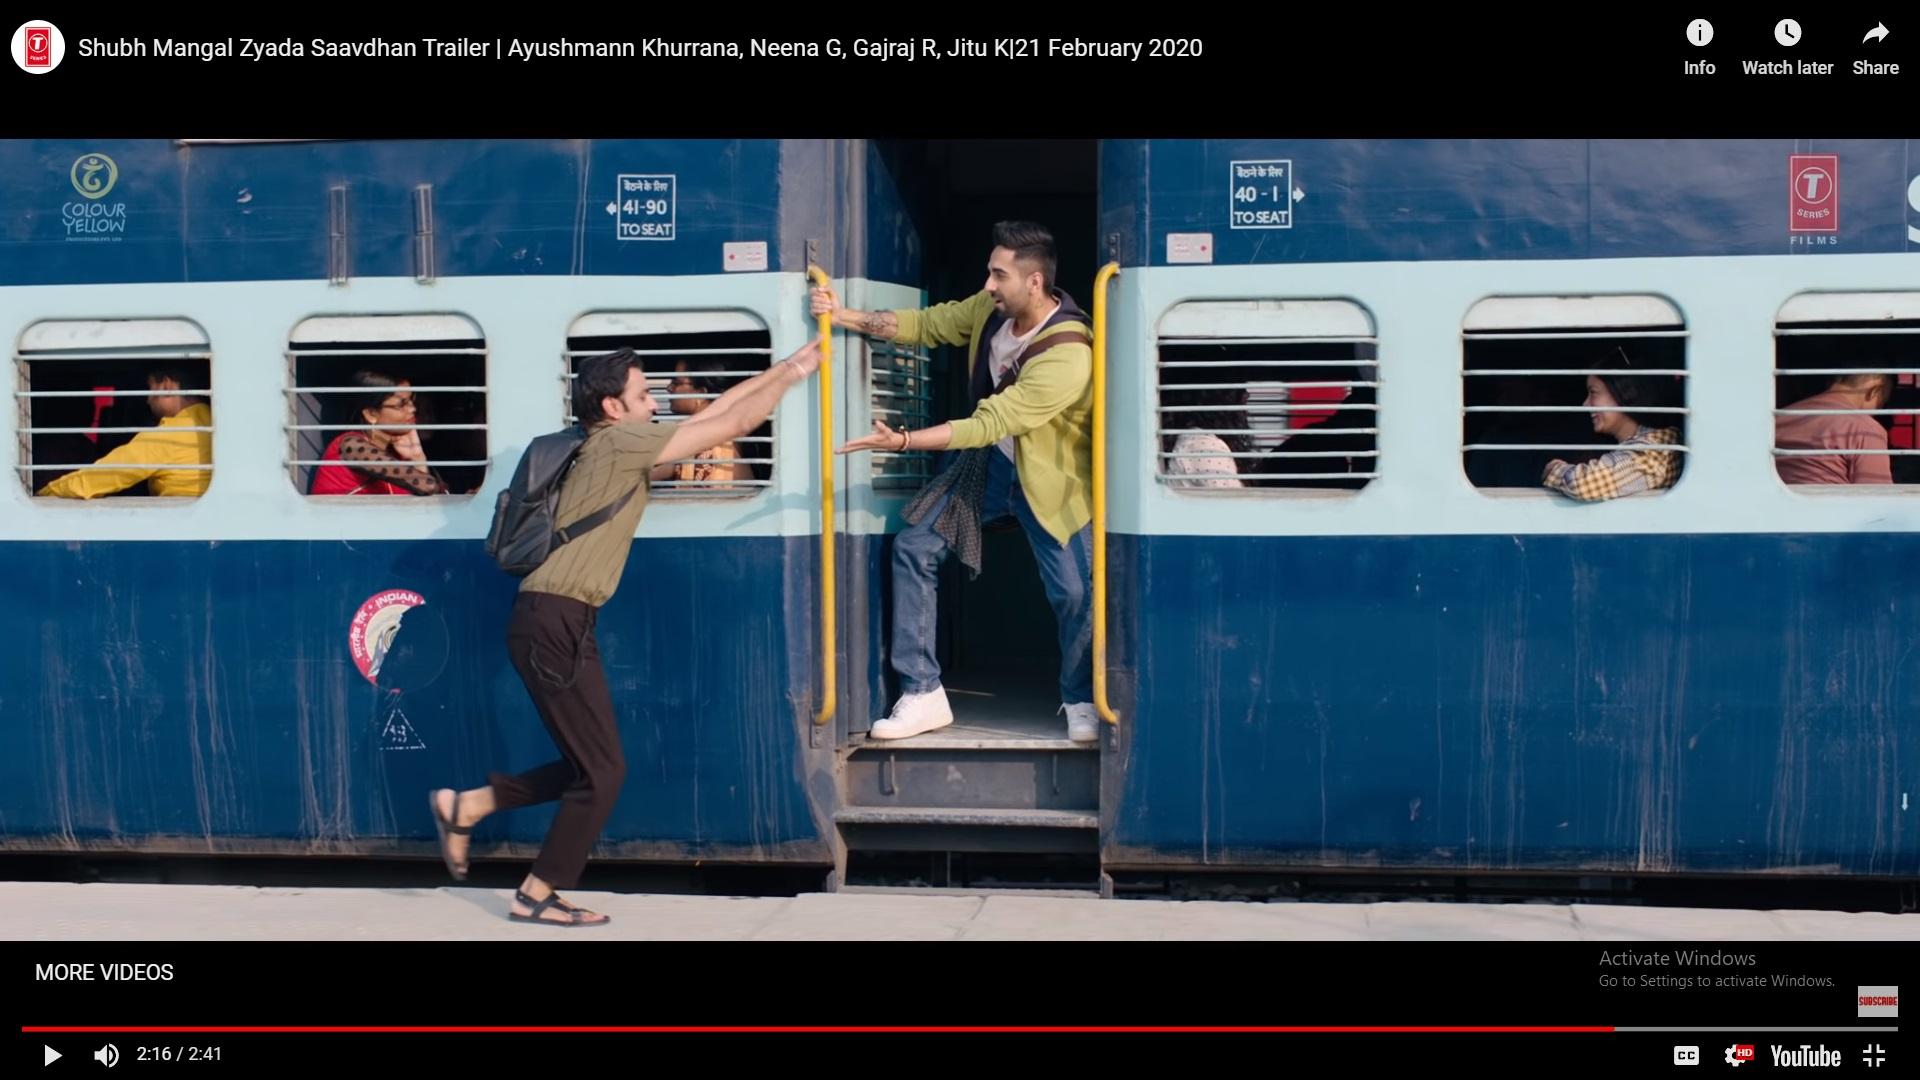 'दिलवाले दुल्हनियाँ ले जाएंगे'मधला सिम्रन आणि राजचा तो फेमस ट्रेन पकडण्याचा सीन या सिनेमातही दिसतोय.